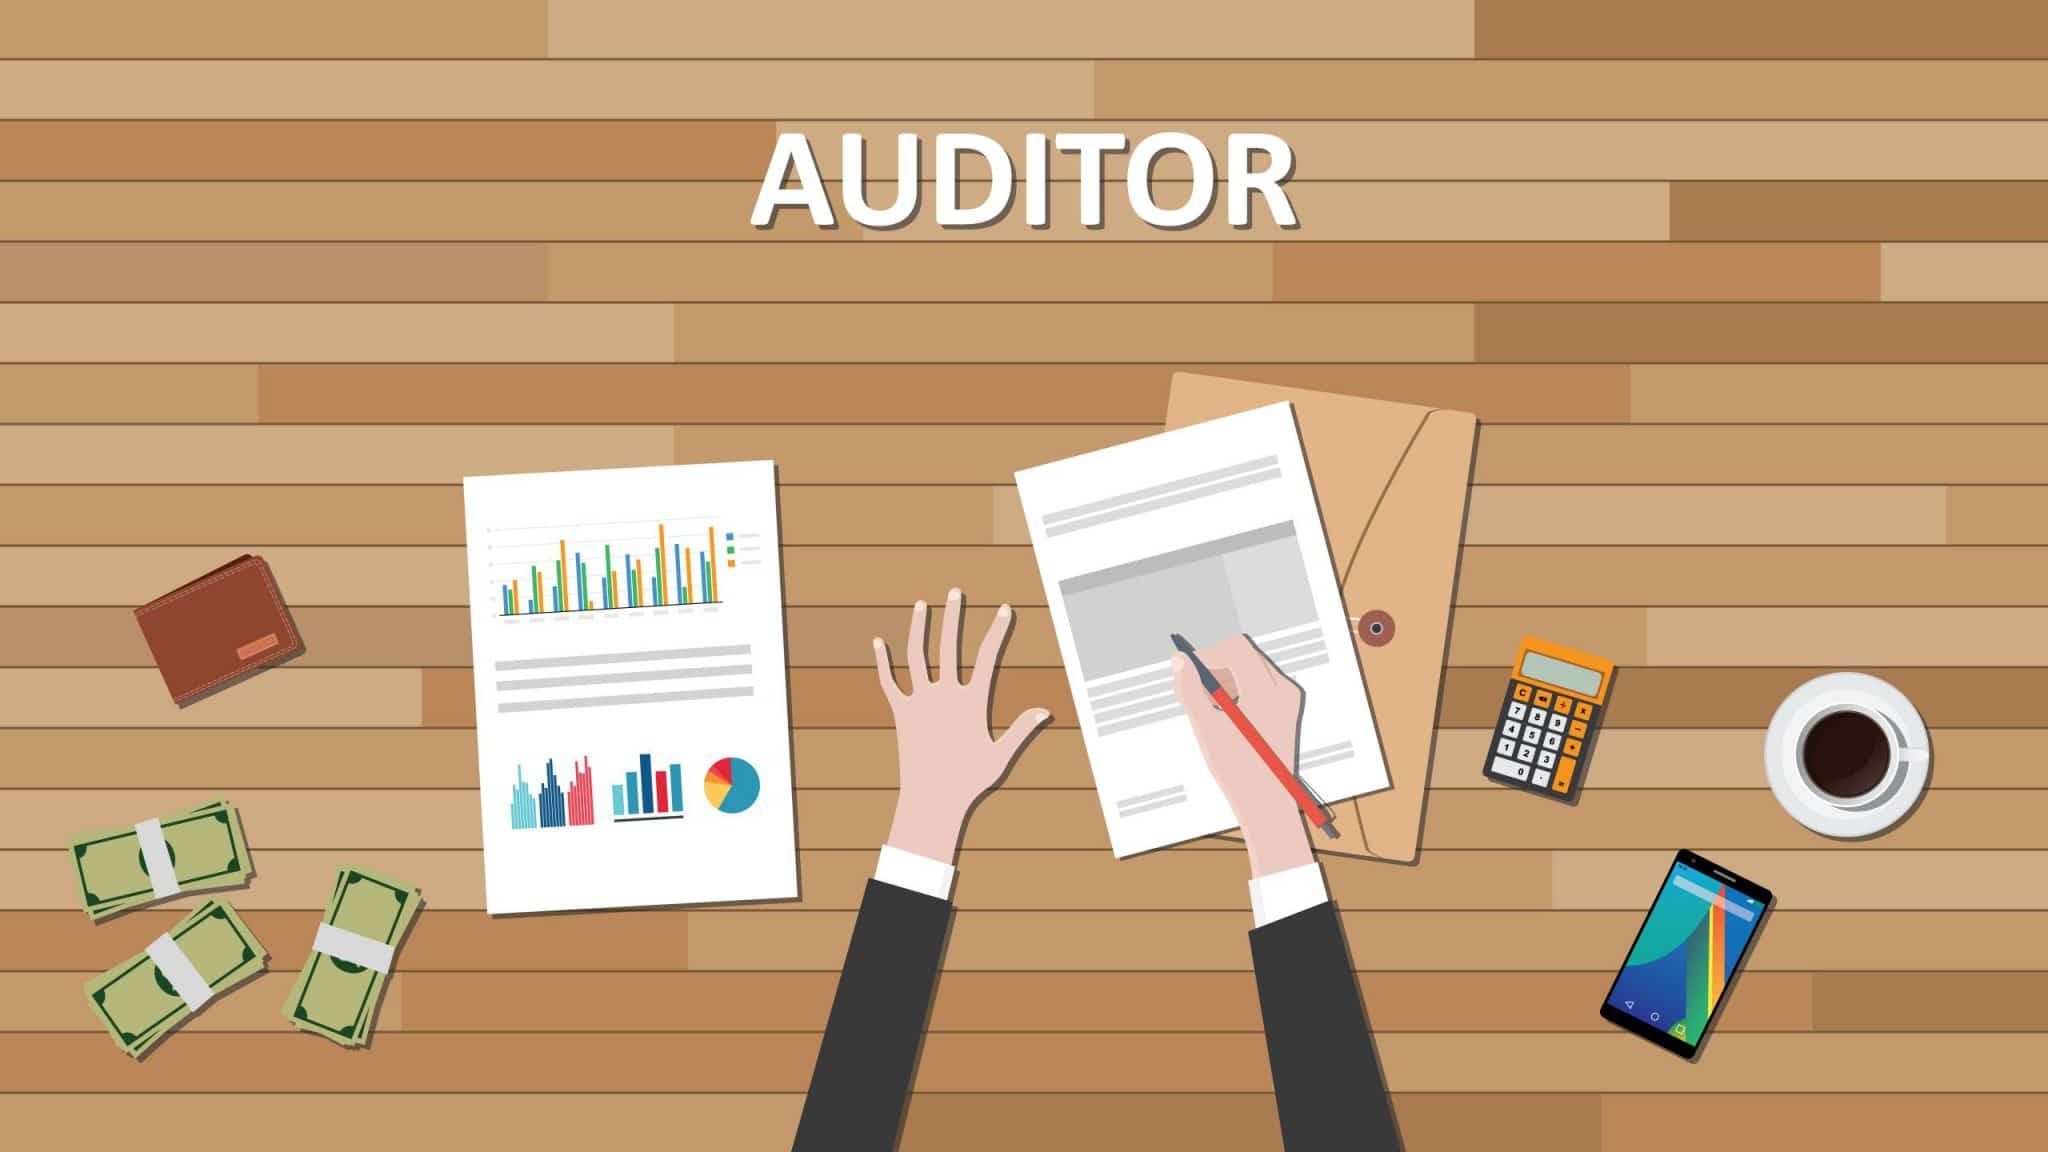 Schulung Auditoren Qualifikation